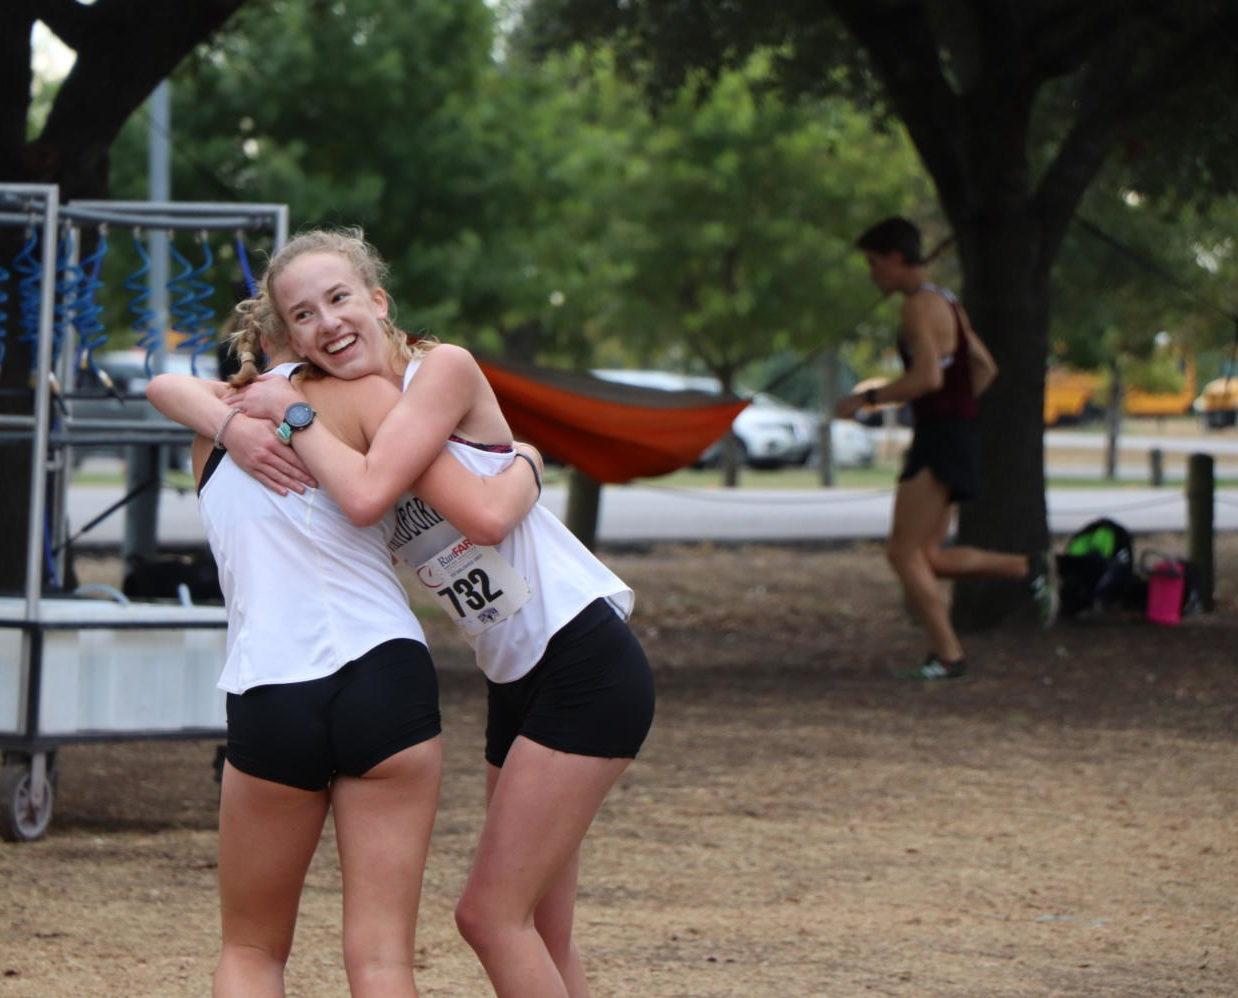 Junior varsity runner Sophia Peterson hugs her teammate after her win.